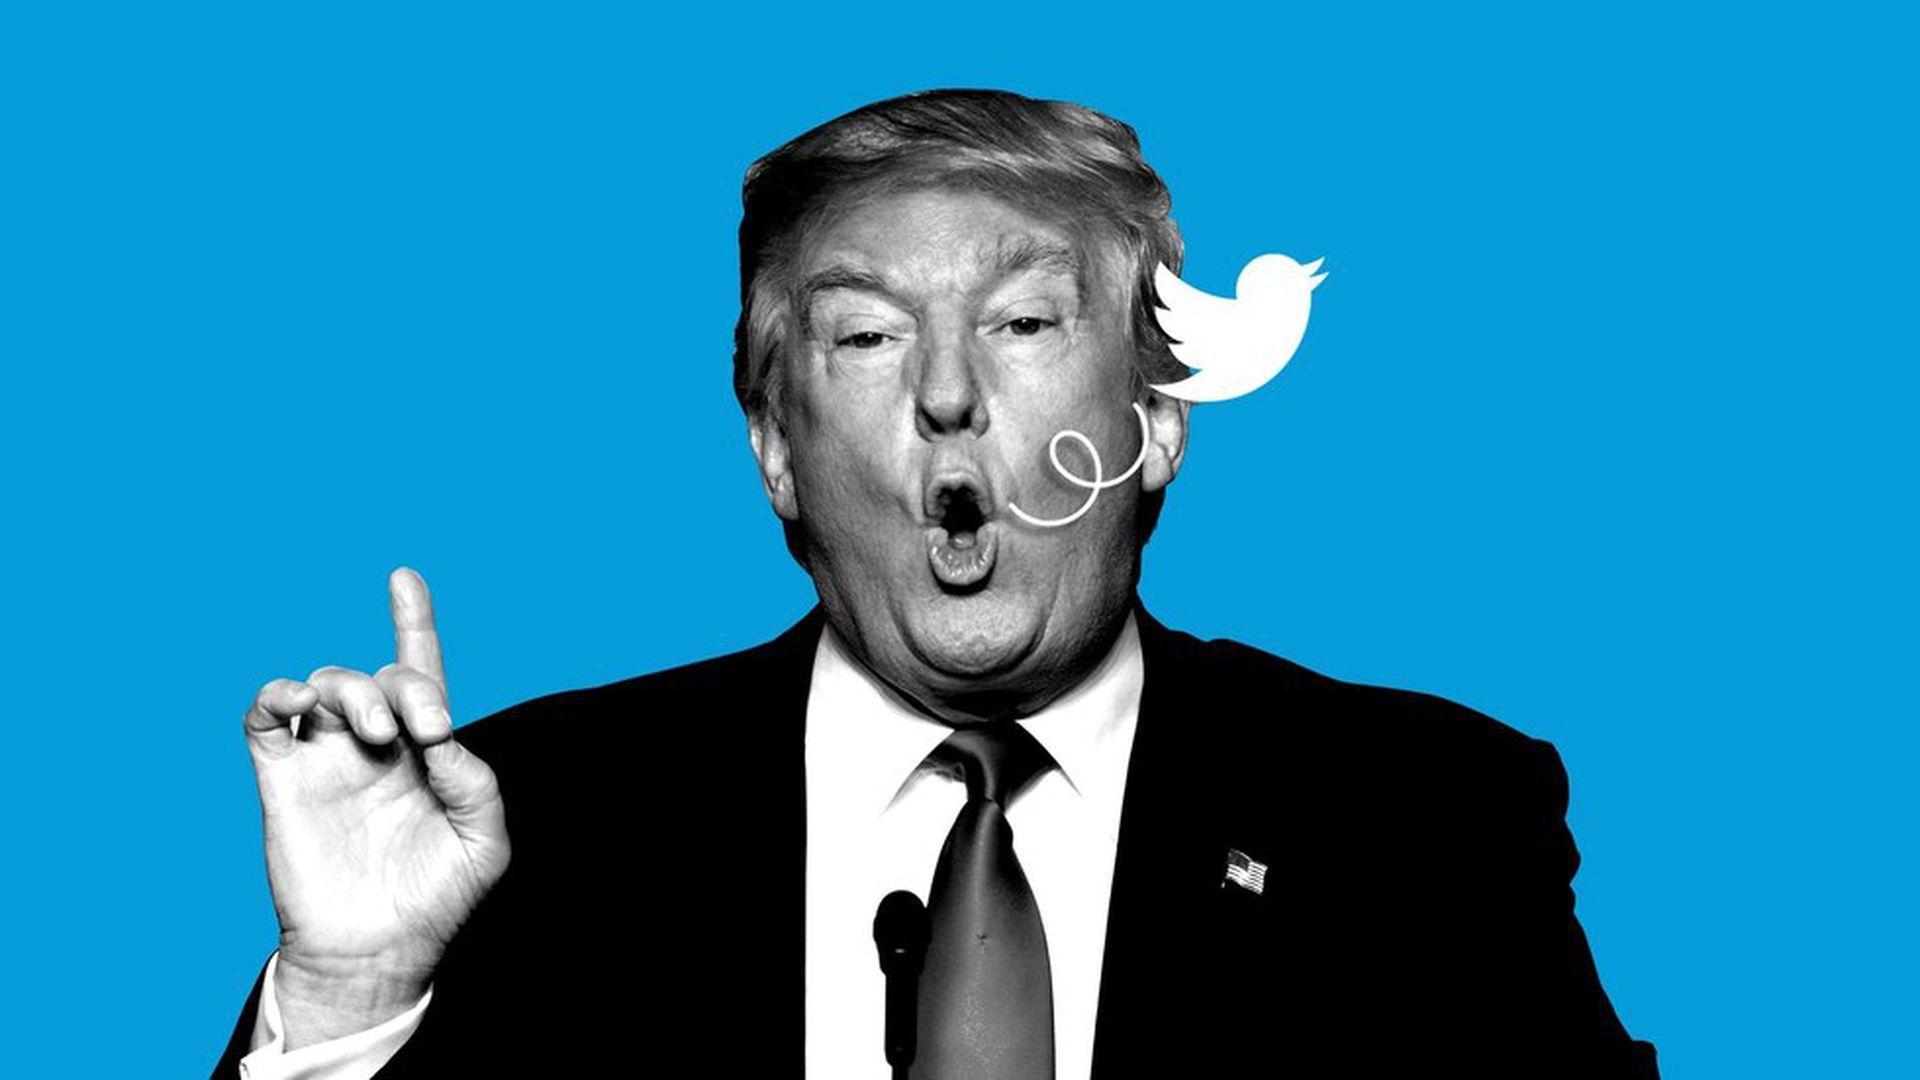 Trump tweet illustration